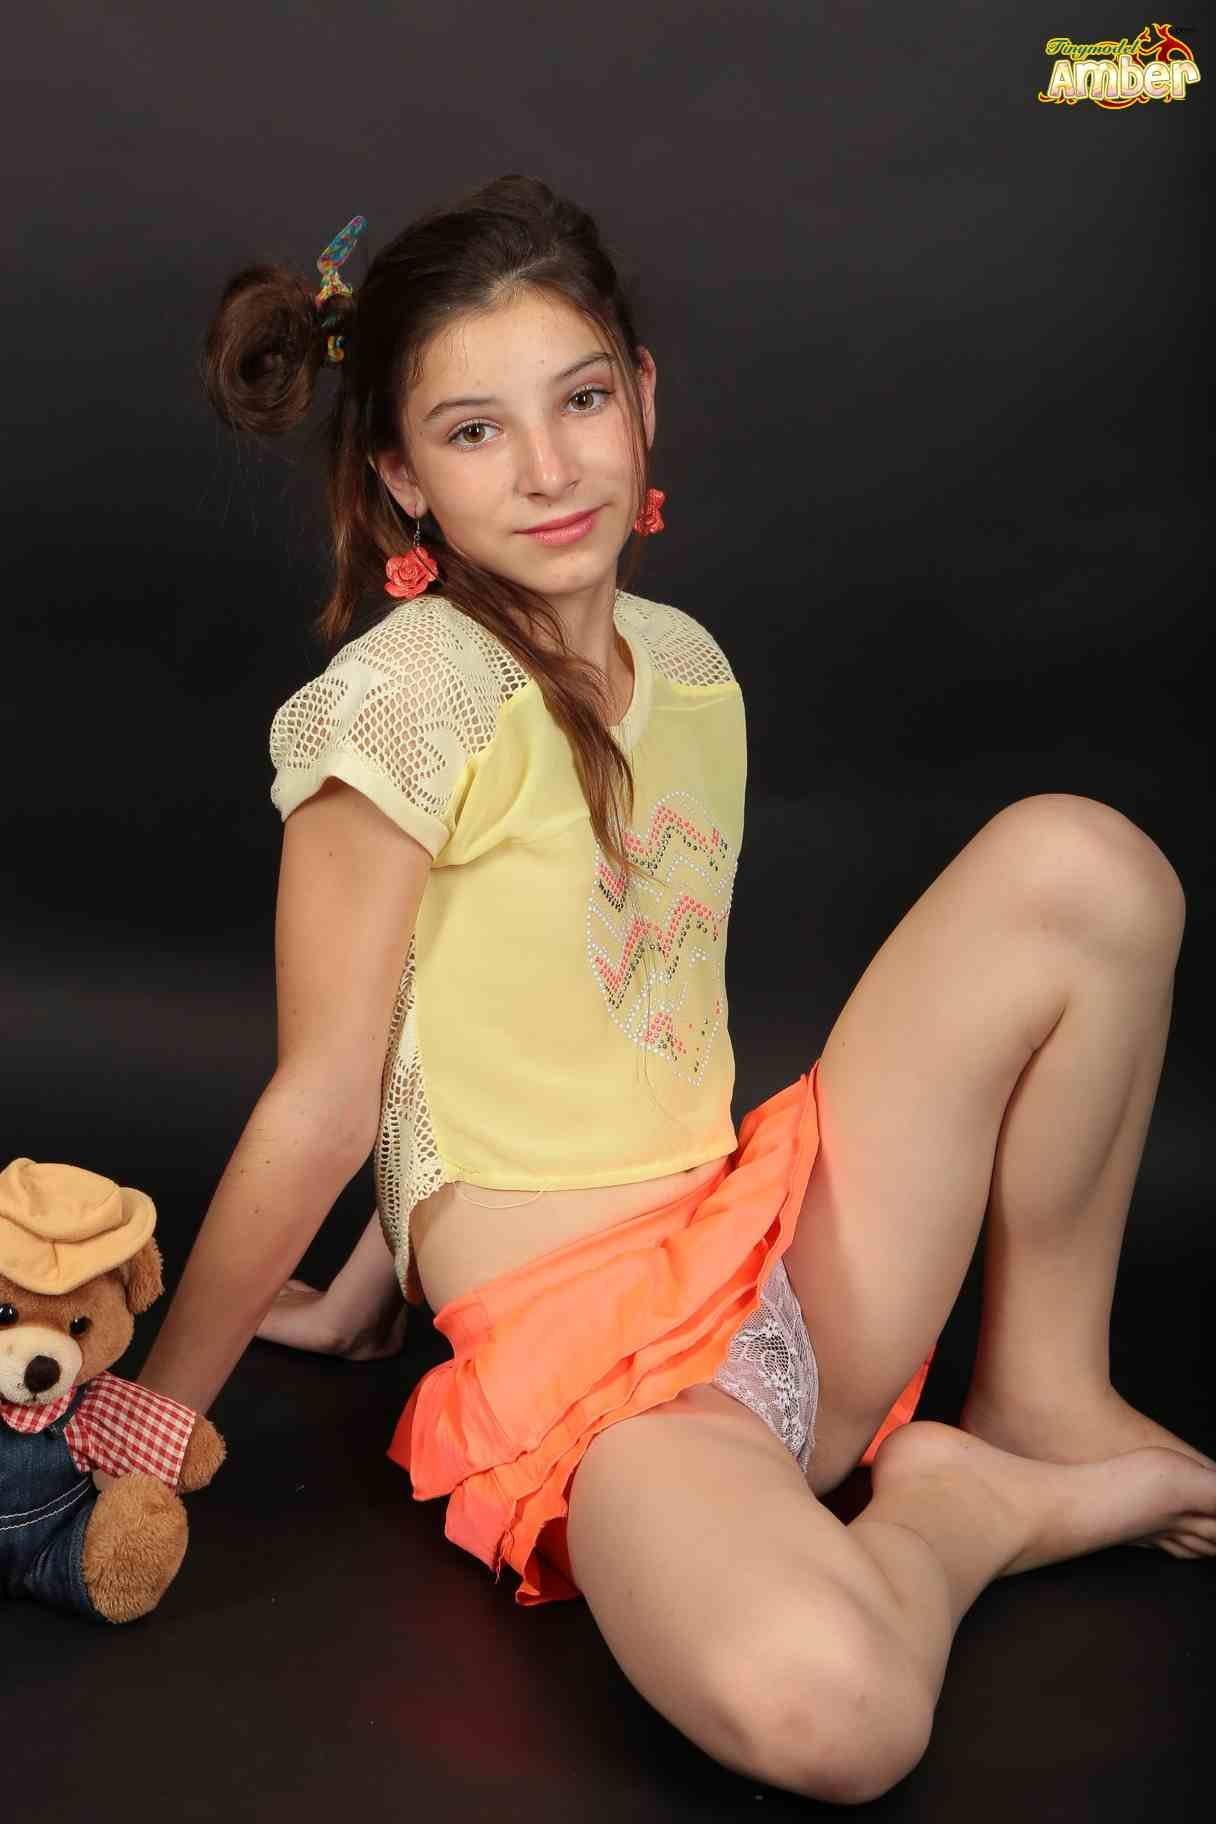 Tiny Model Amber